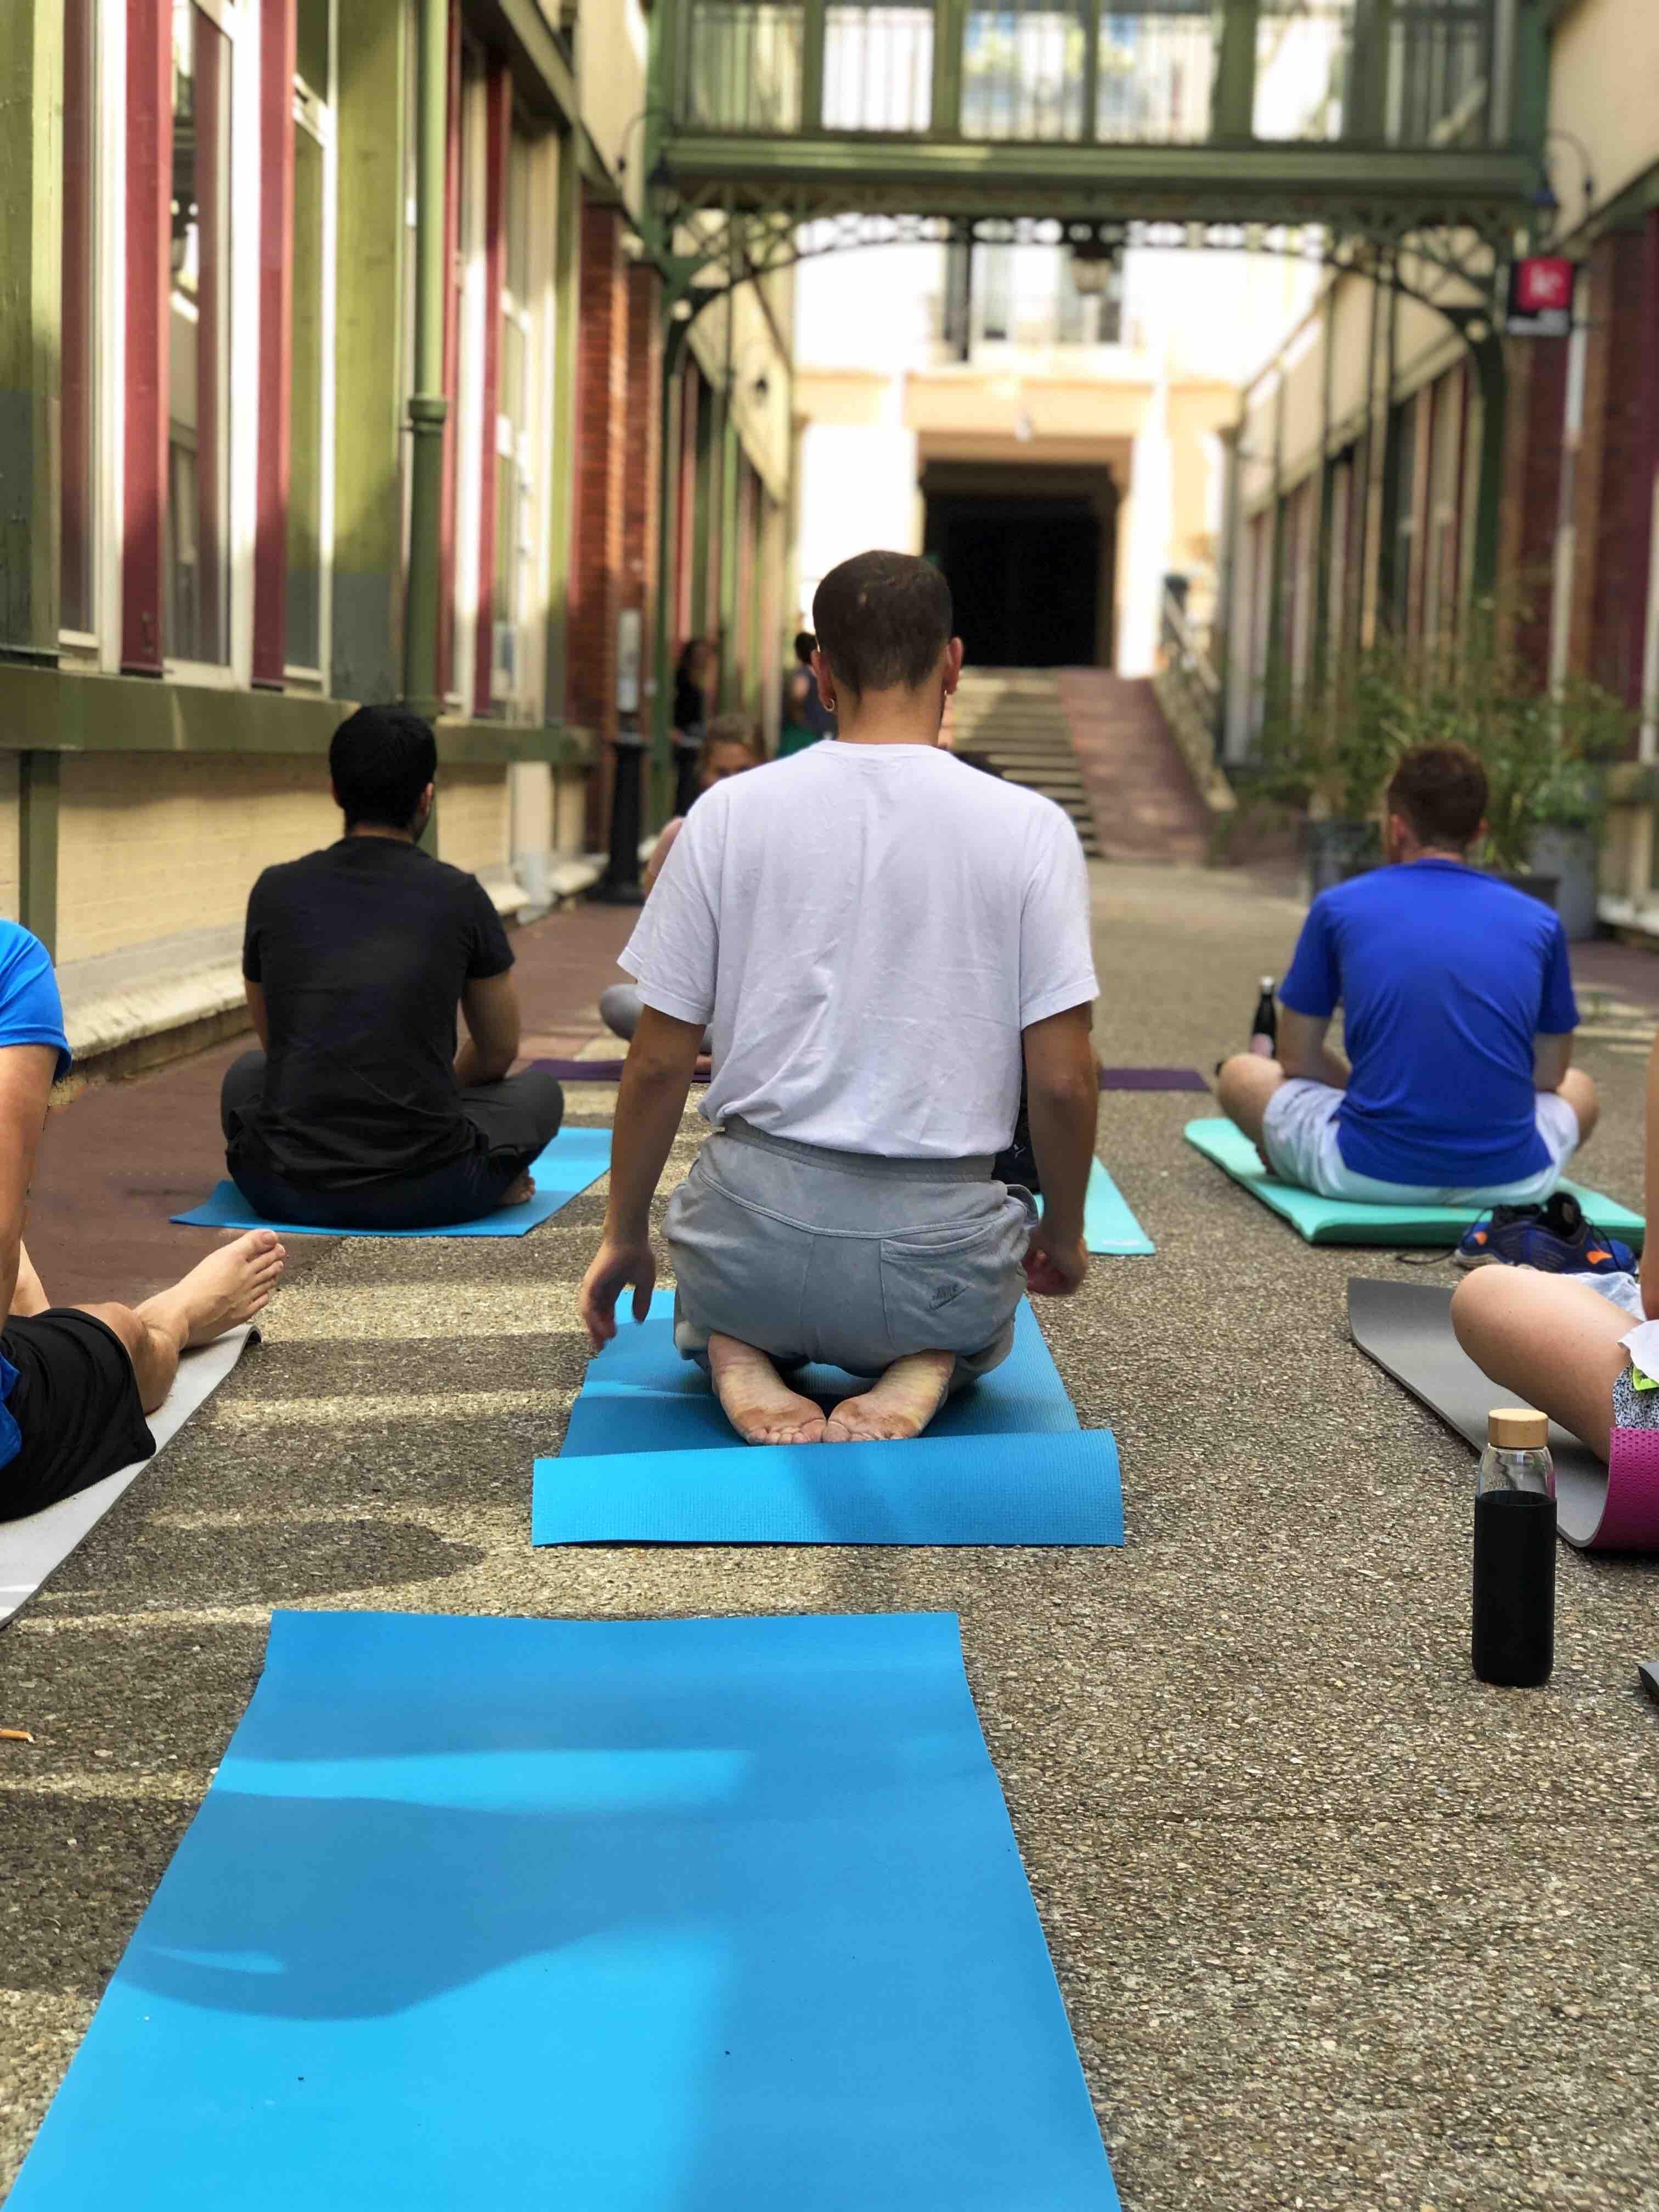 séance de yoga après les cours